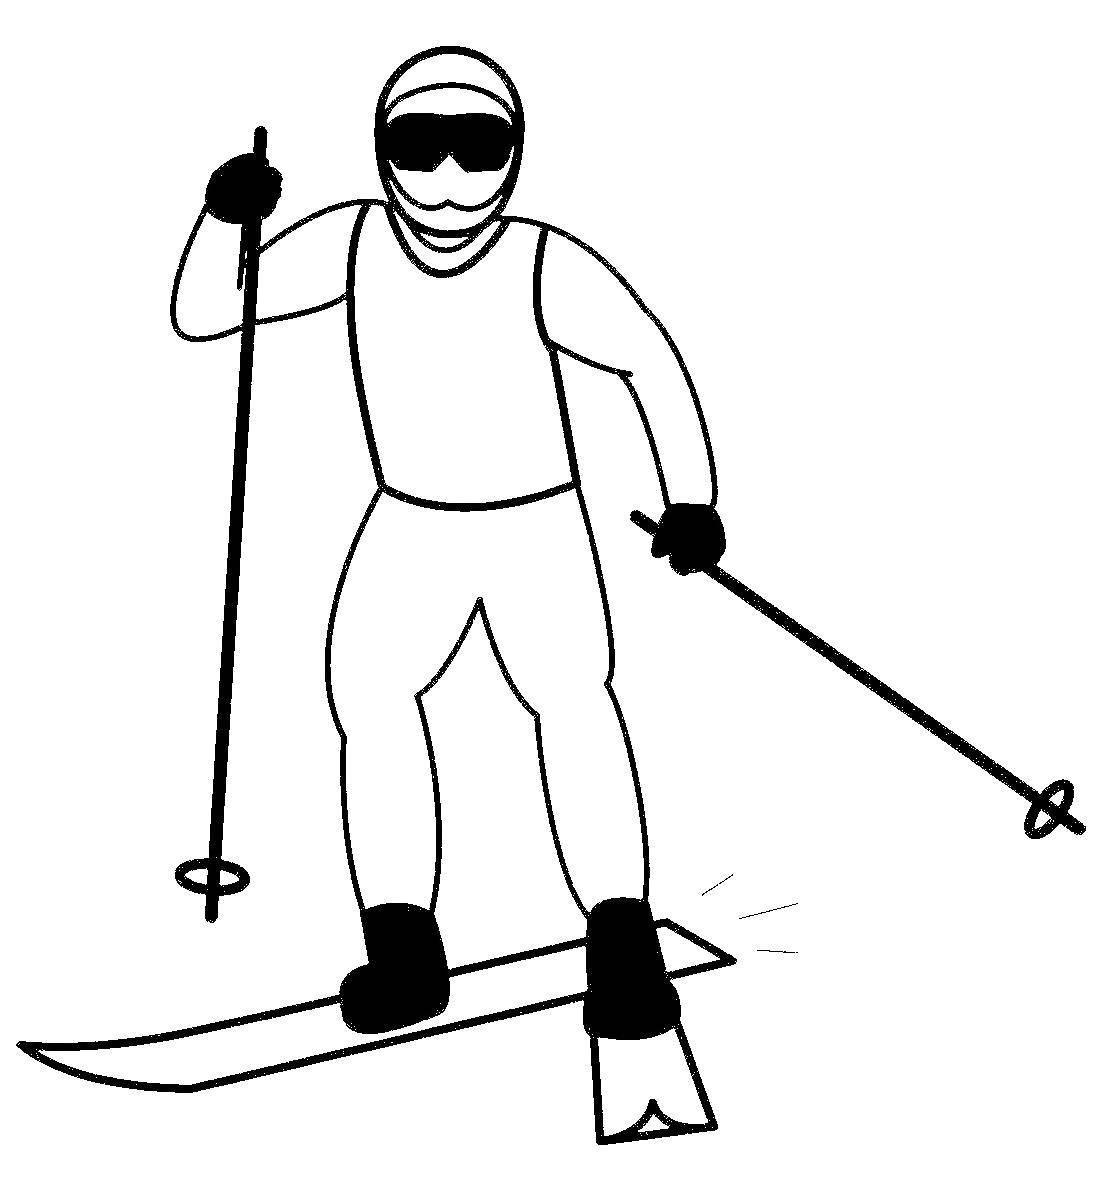 производителей рисунок вида спорта лыжи подпитывается